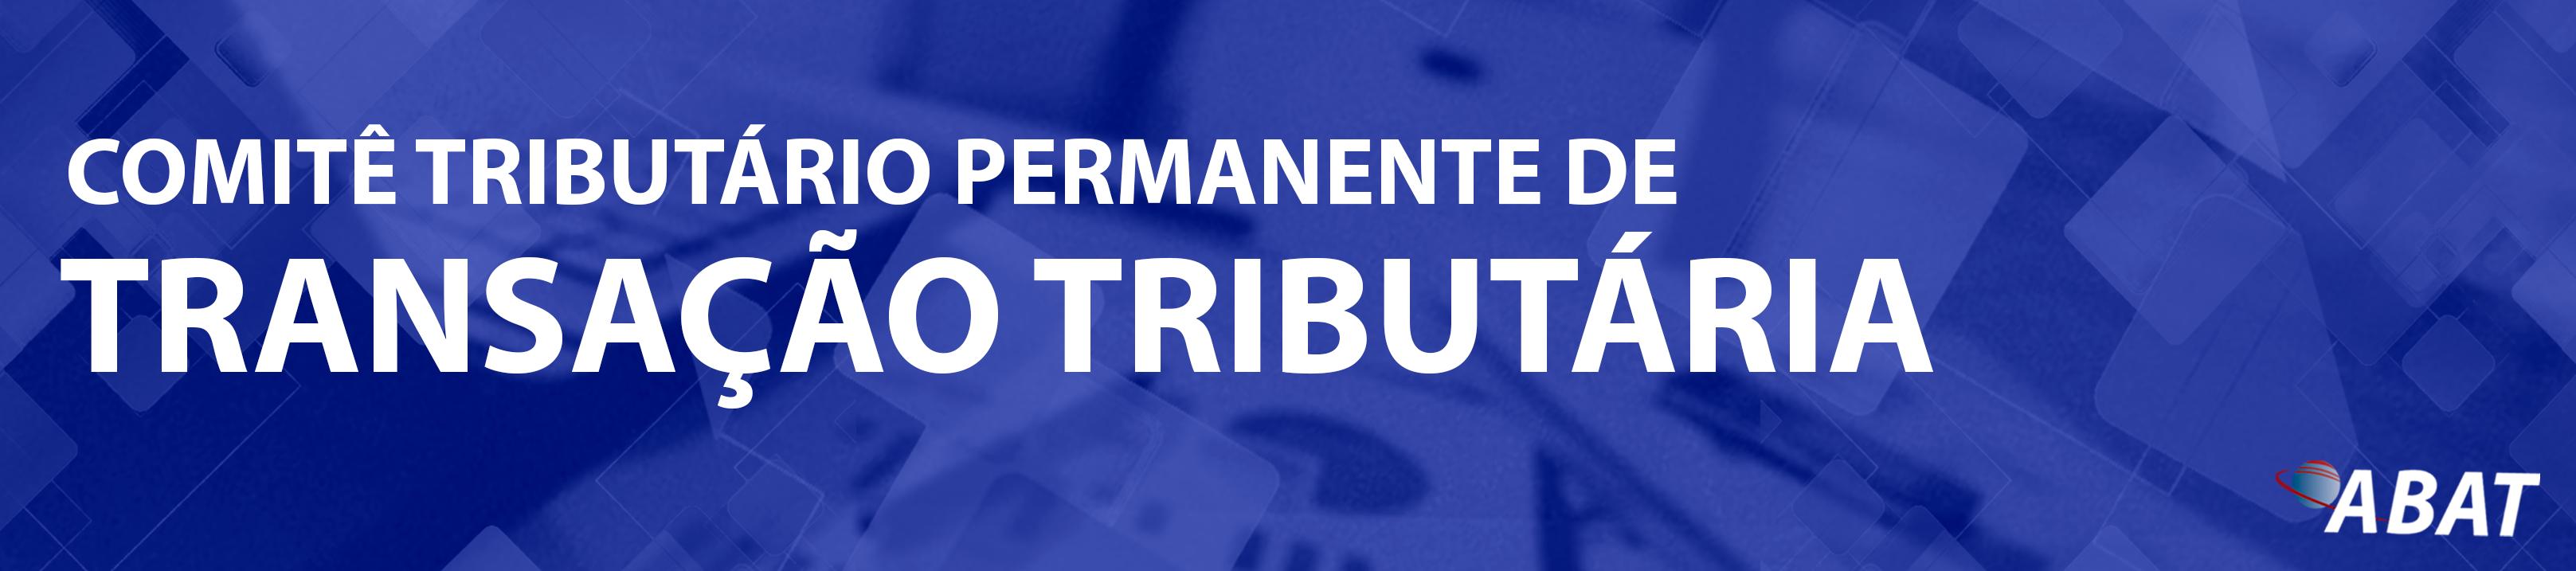 COMITÊ-TRIBUTÁRIO-PERMANENTE-DE-TRANSAÇÃO-TRIBUTÁRIA